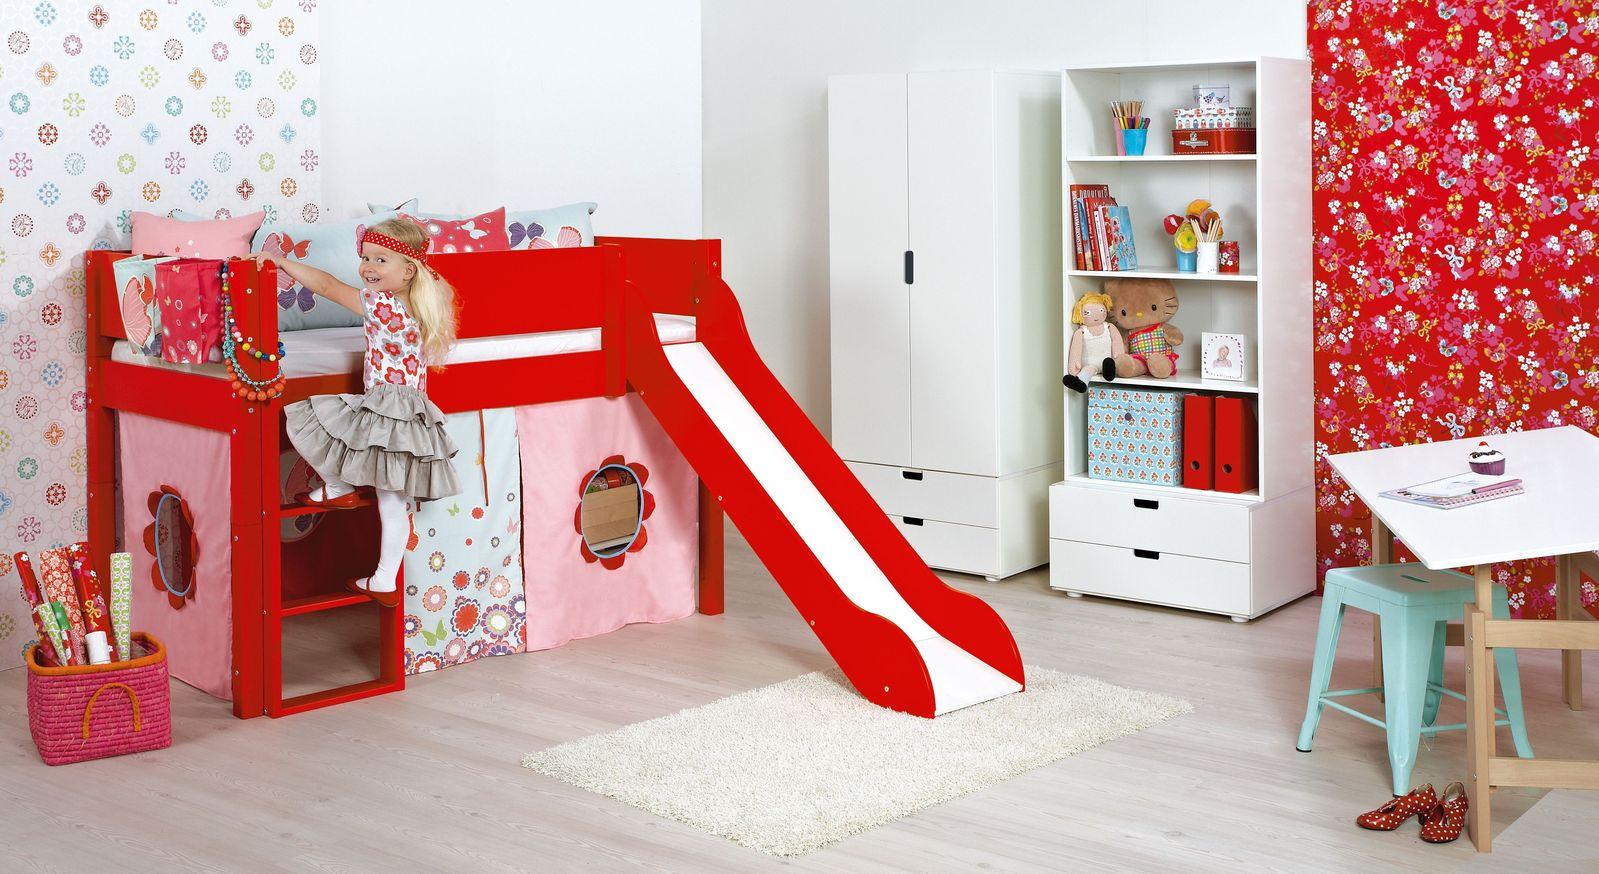 Passende Produkte zum Mini-Rutschen-Hochbett Kids Town Color